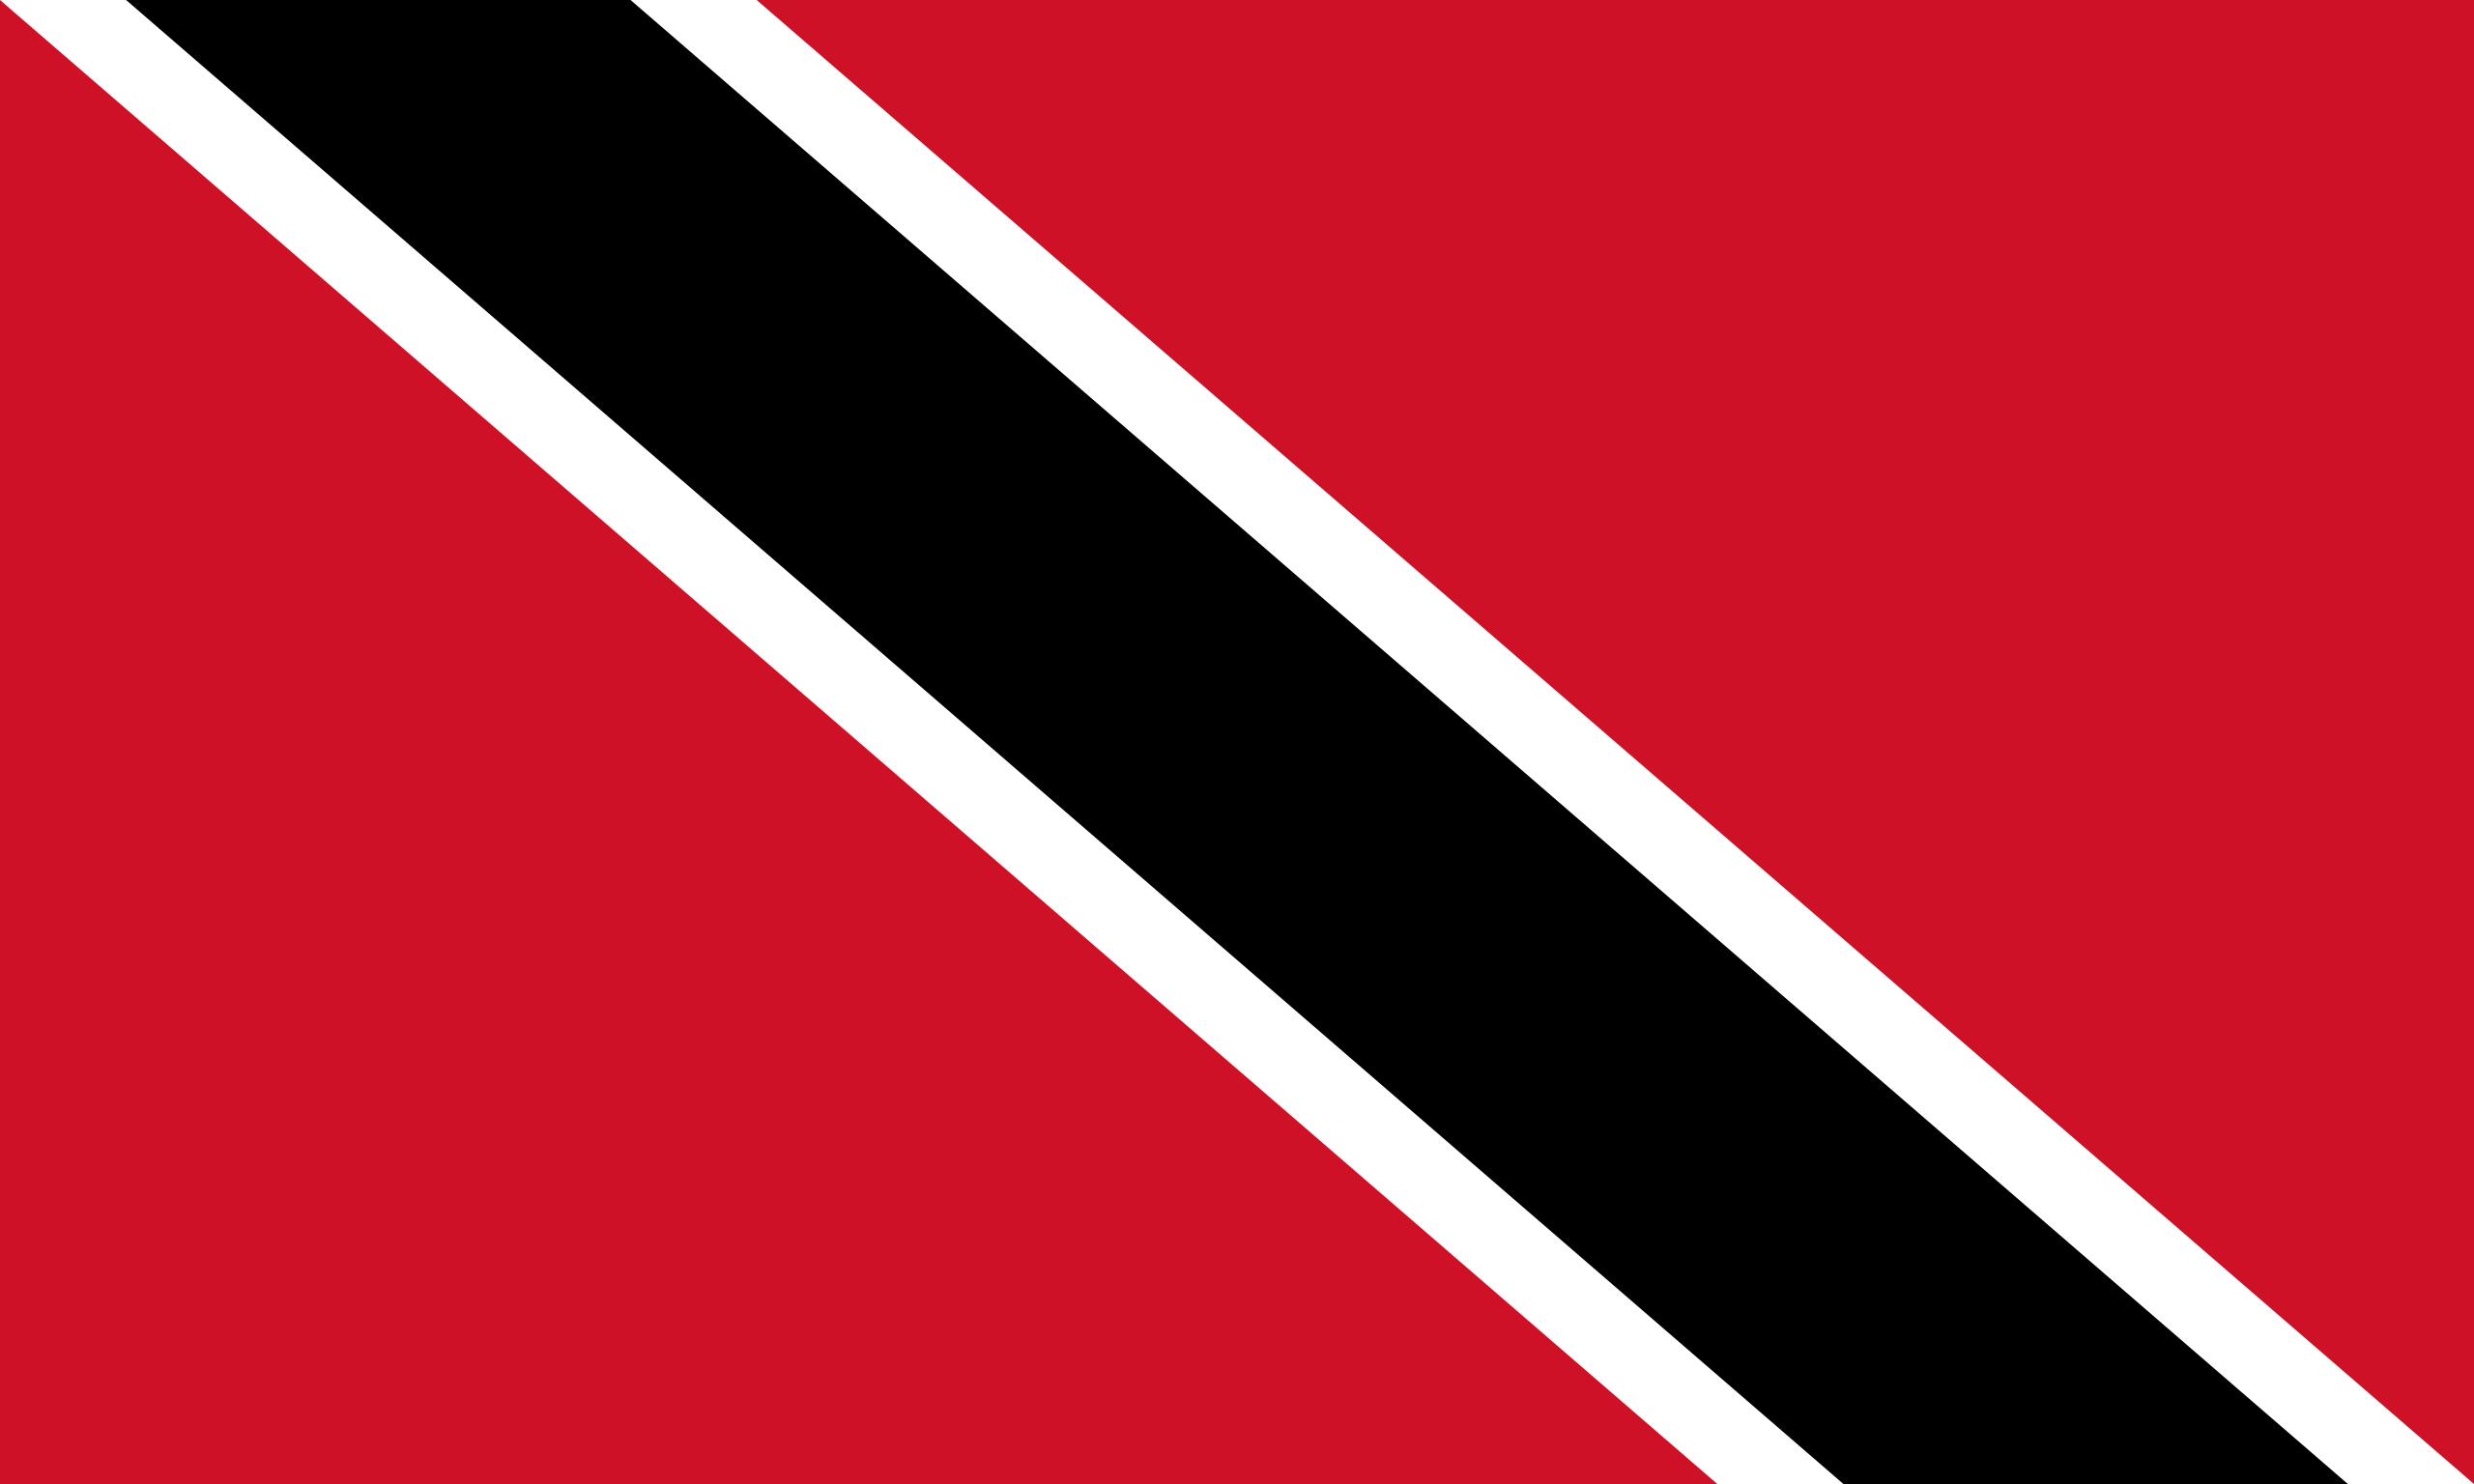 trinidad y tobago, país, emblema, insignia, シンボル - HD の壁紙 - 教授-falken.com